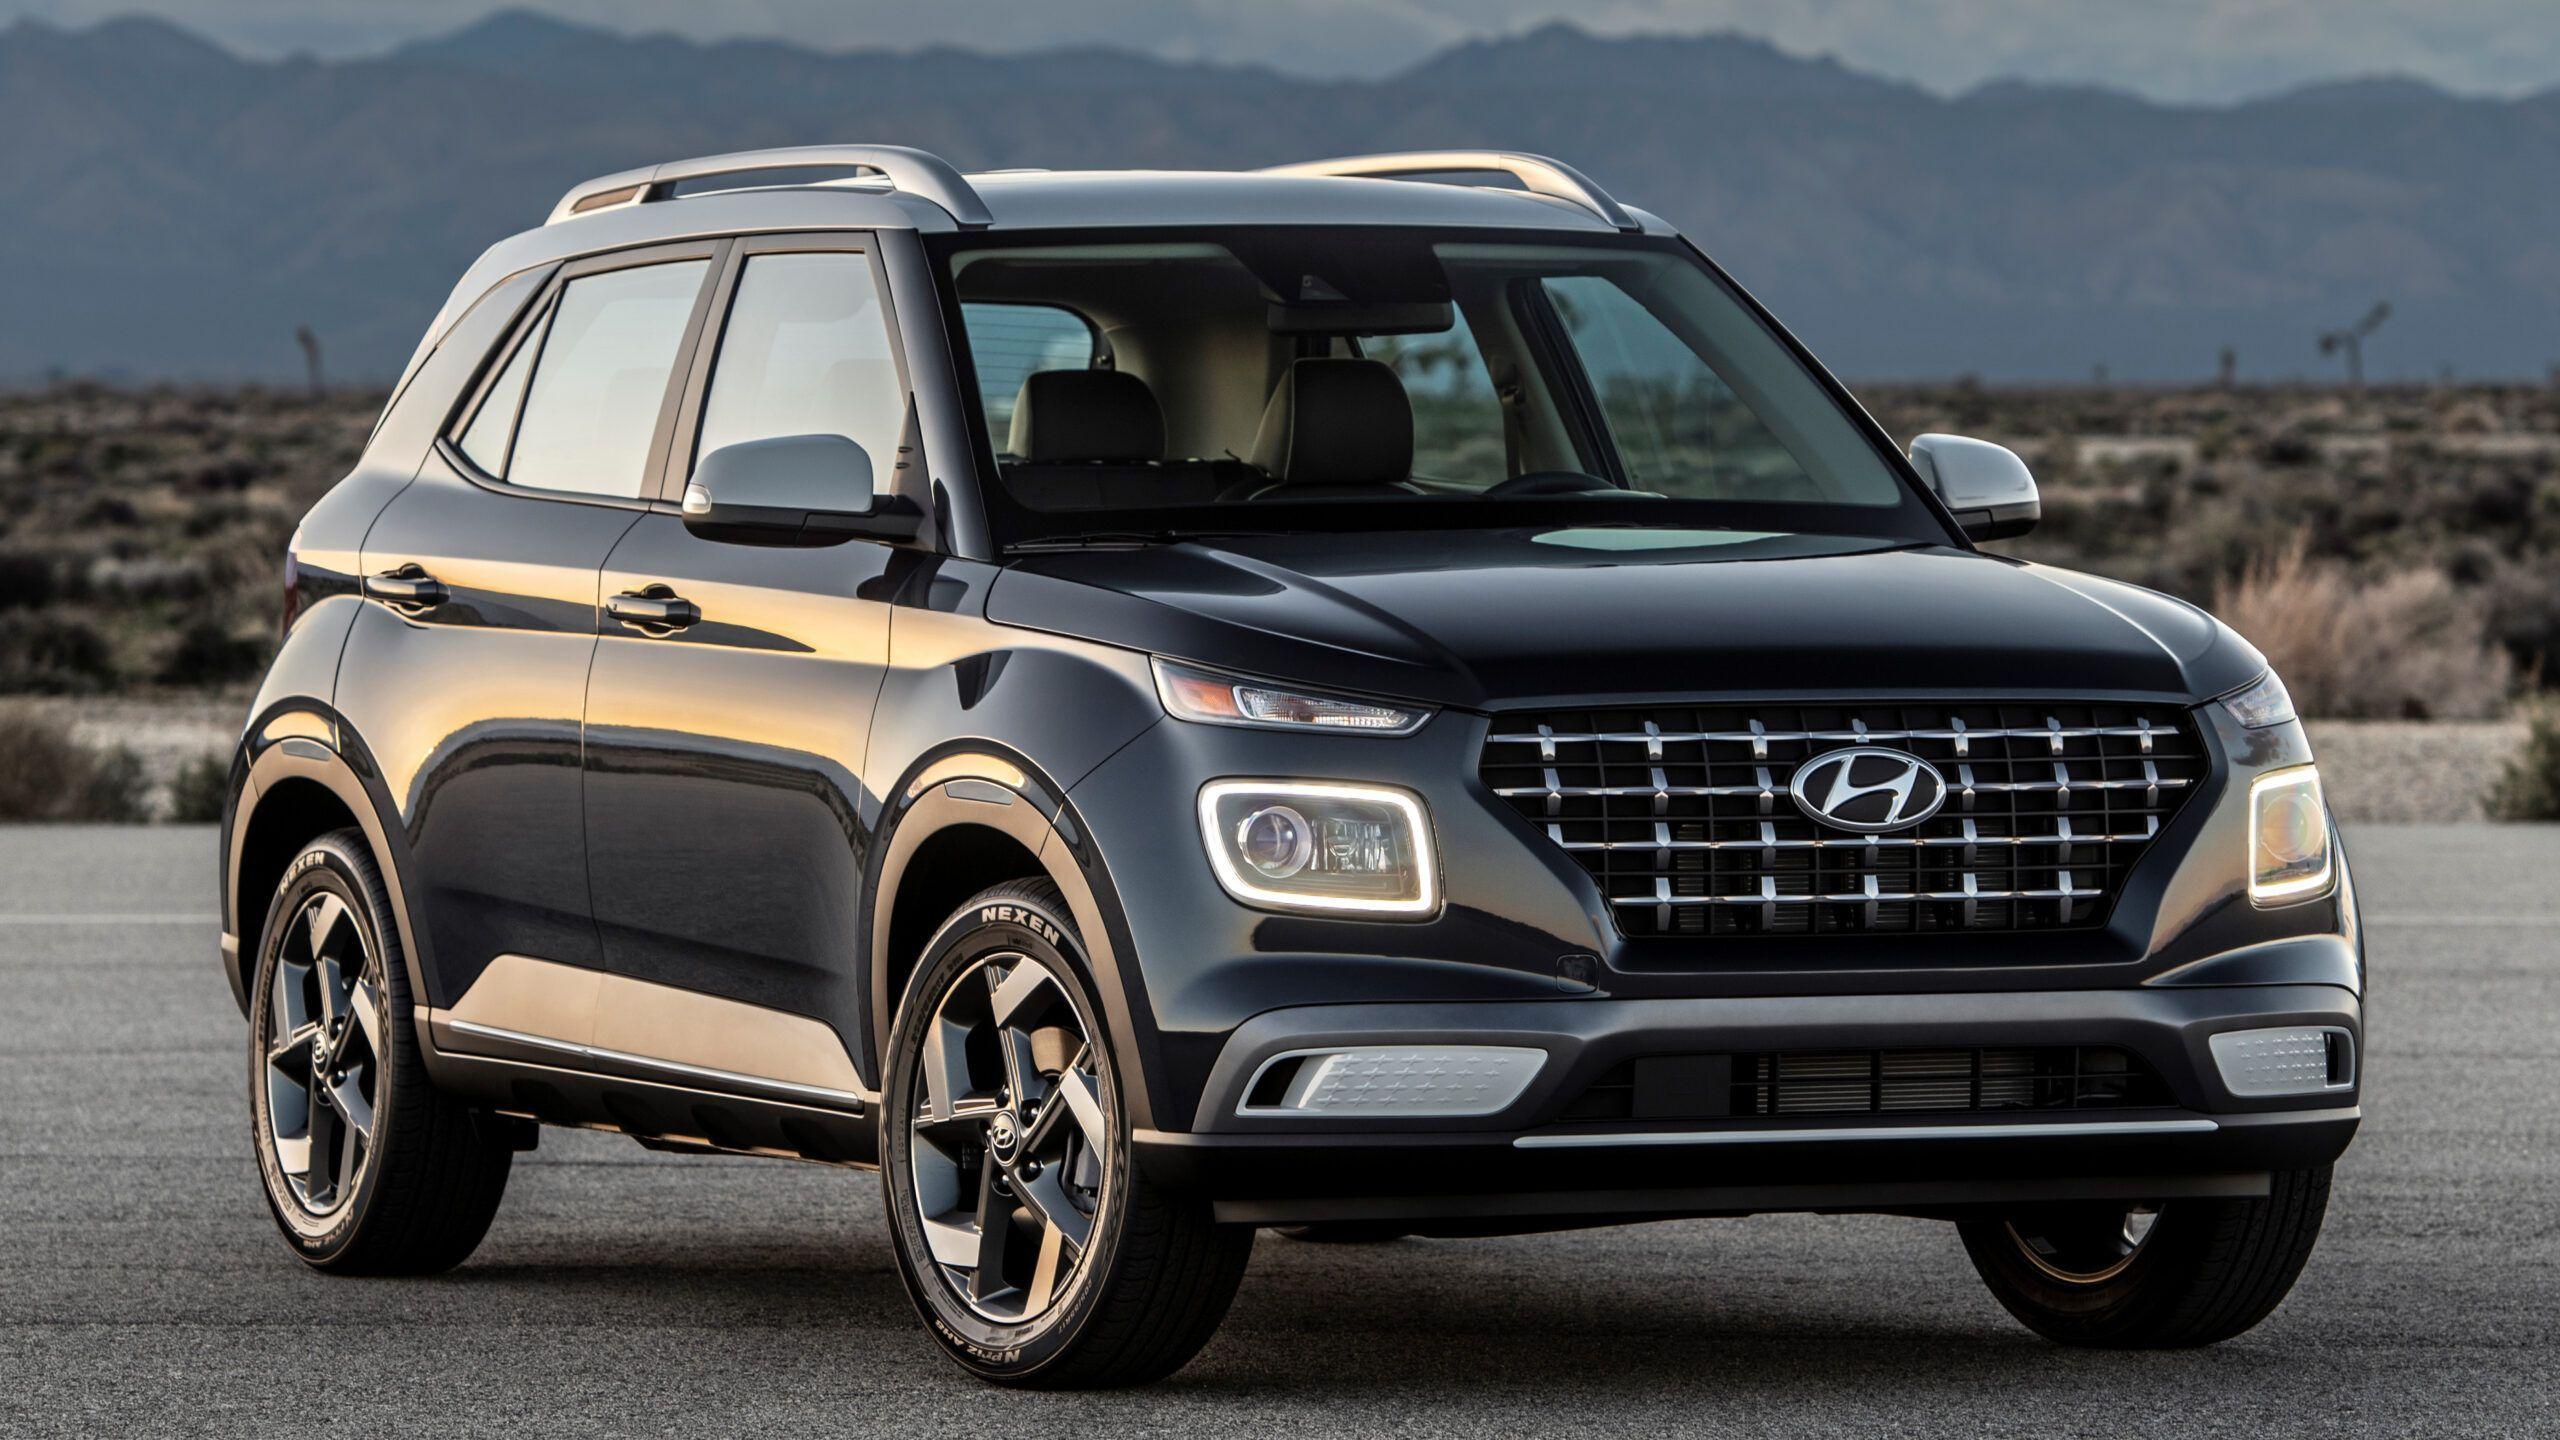 Hyundai Large Suv 2020 Review Hyundai Large Review Suv In 2020 New Hyundai Hyundai Large Suv